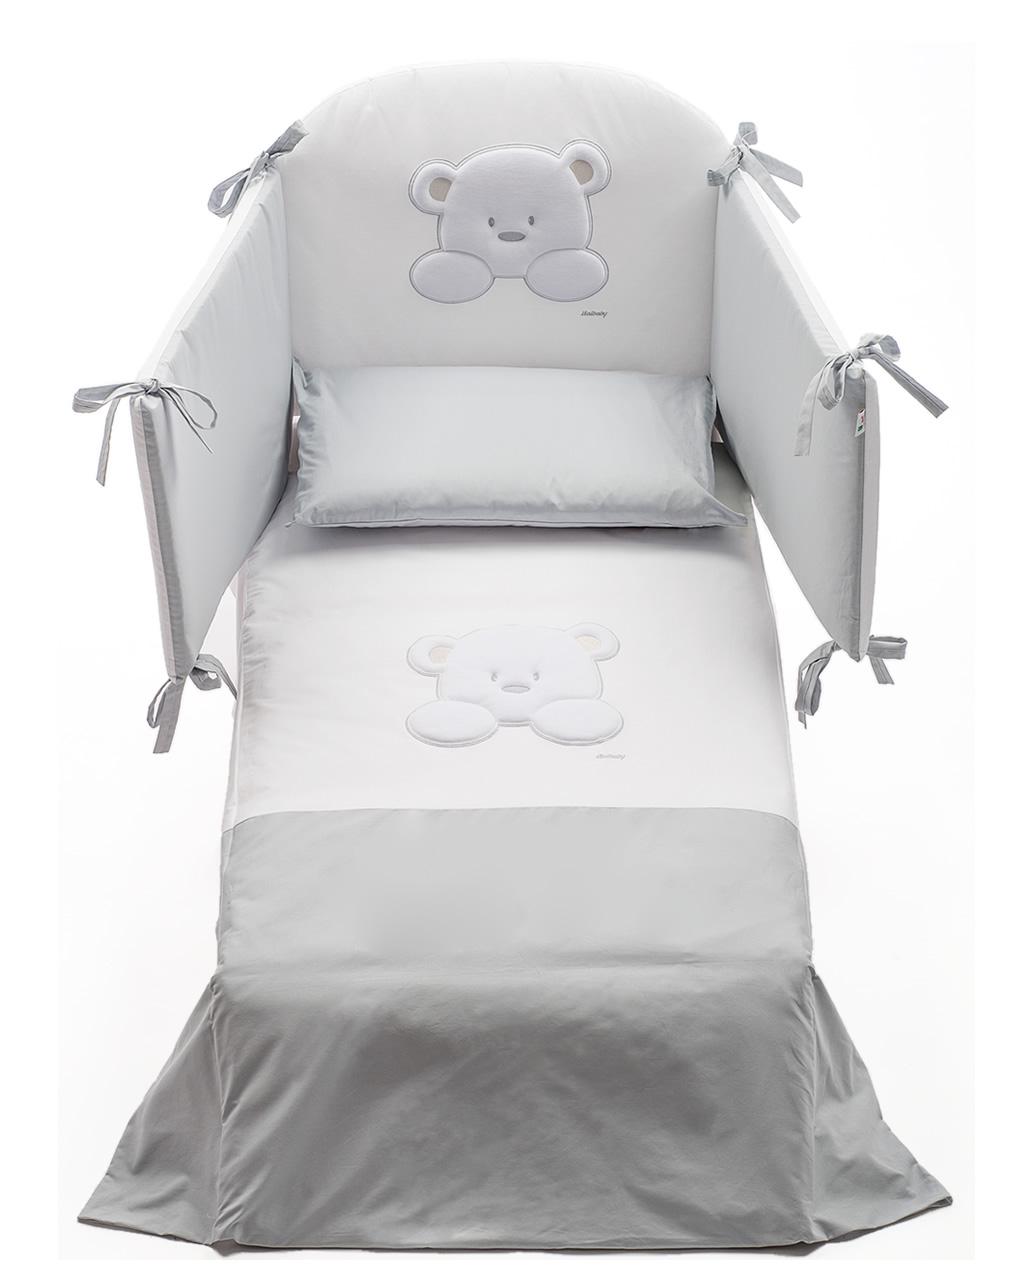 Conjunto de cama de pelúcia 4 peças para-choque-edredom-capa-fronha de edredom - italbaby